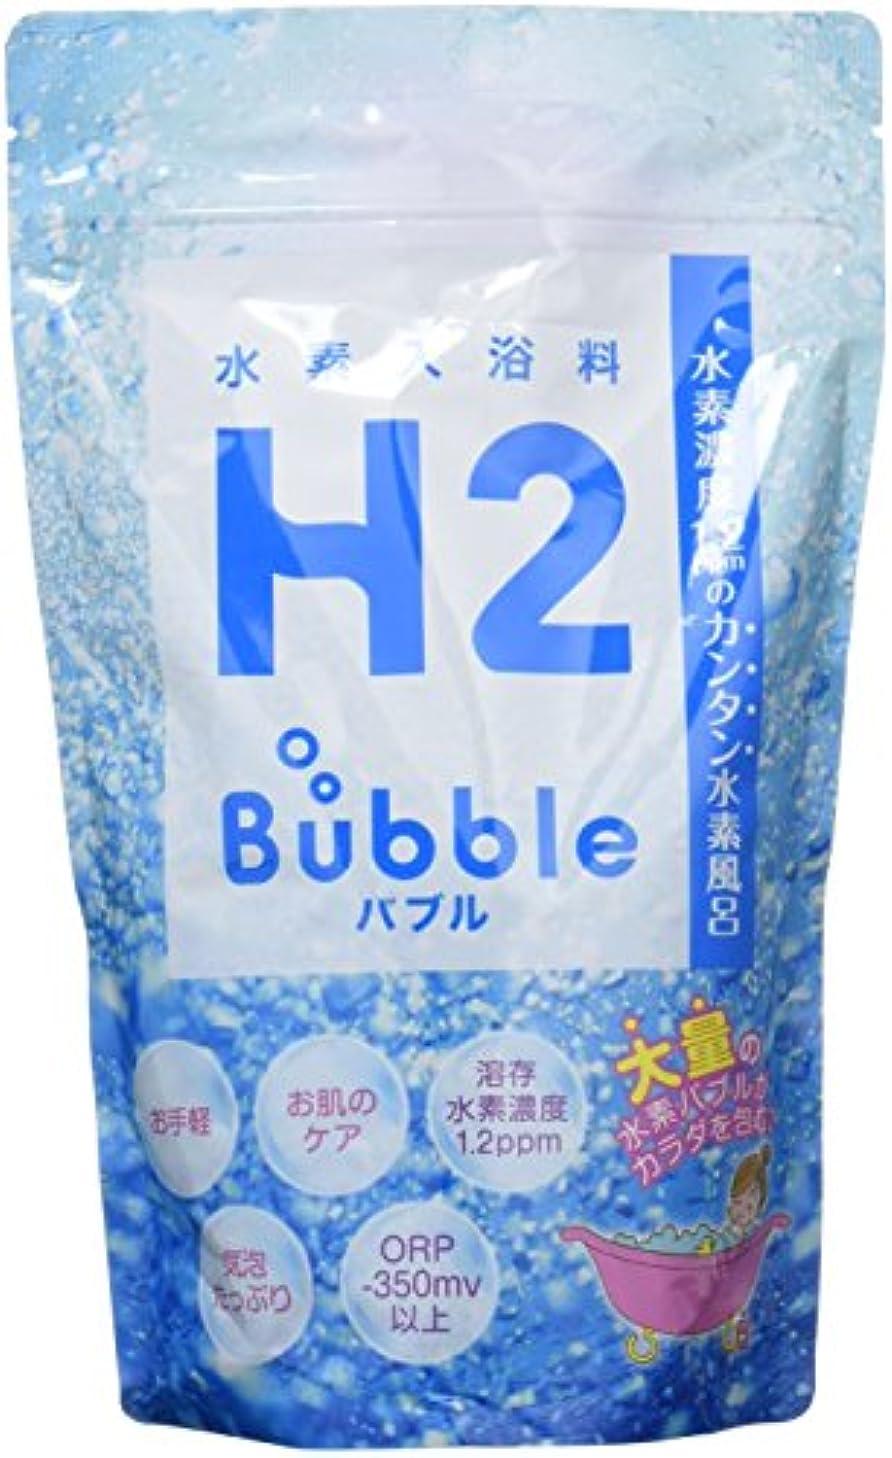 ソブリケットペンダント海外でガウラ H2バブル 700g